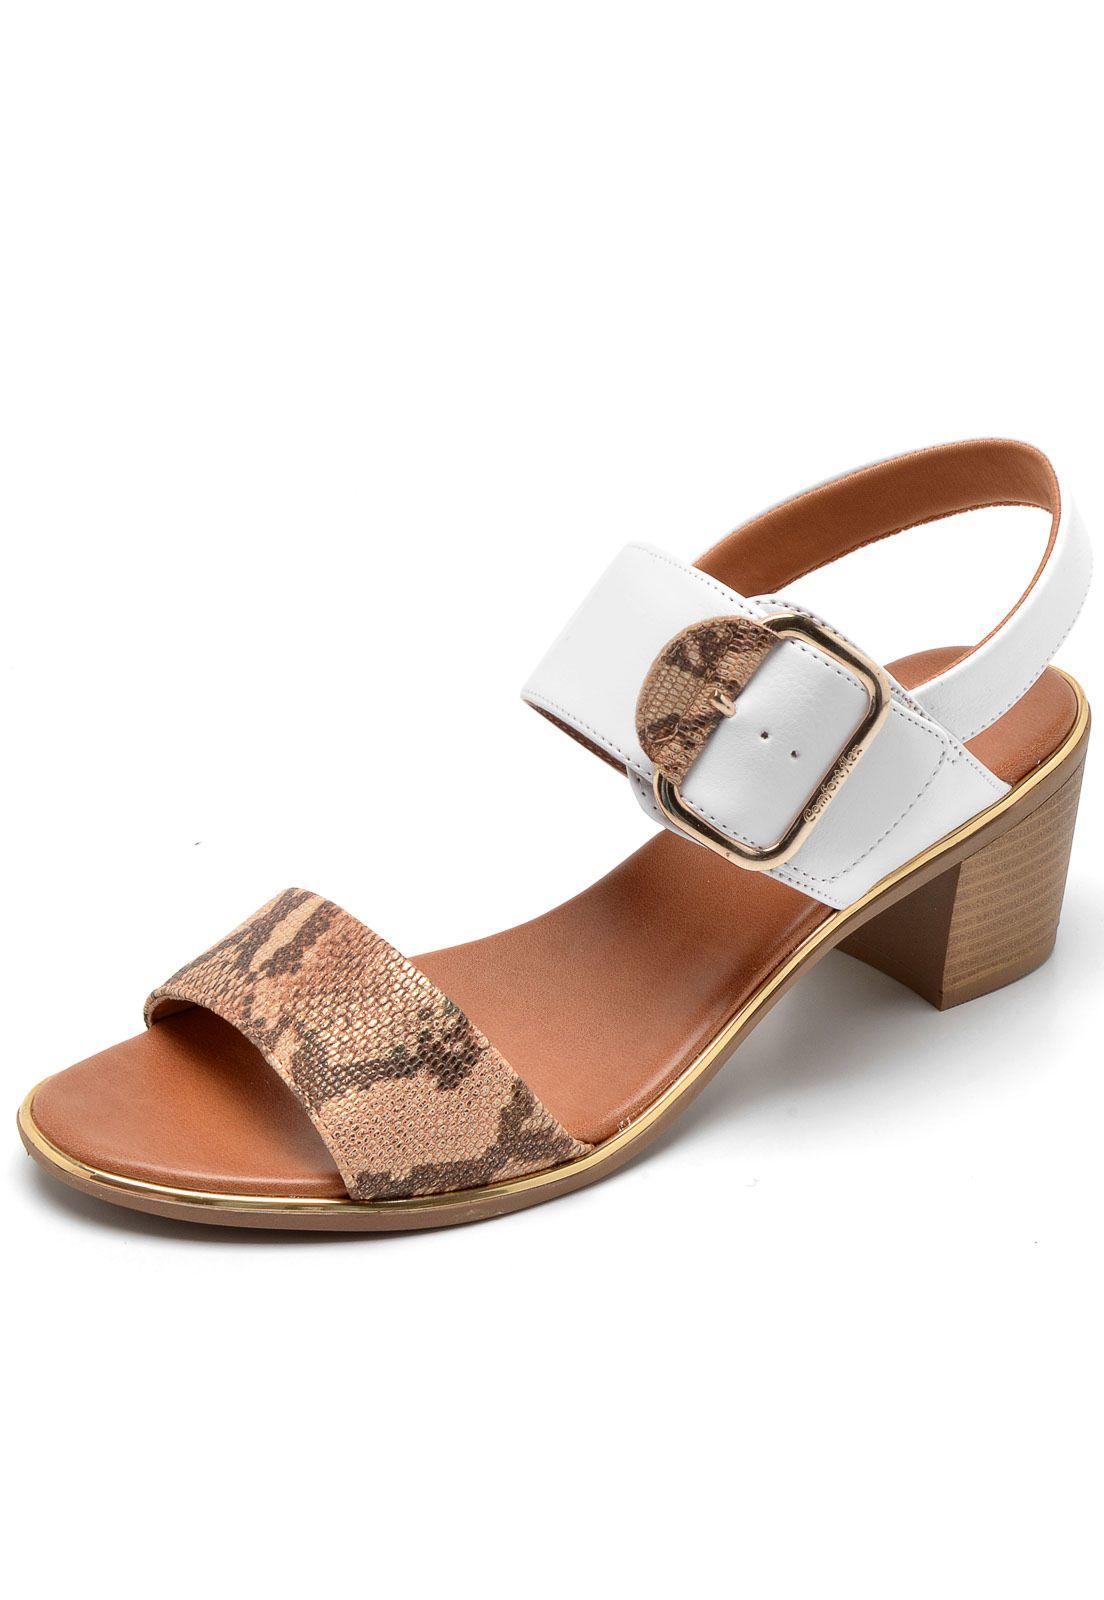 Sapatos COMFORTFLEX de mulher modelos inverno , compare